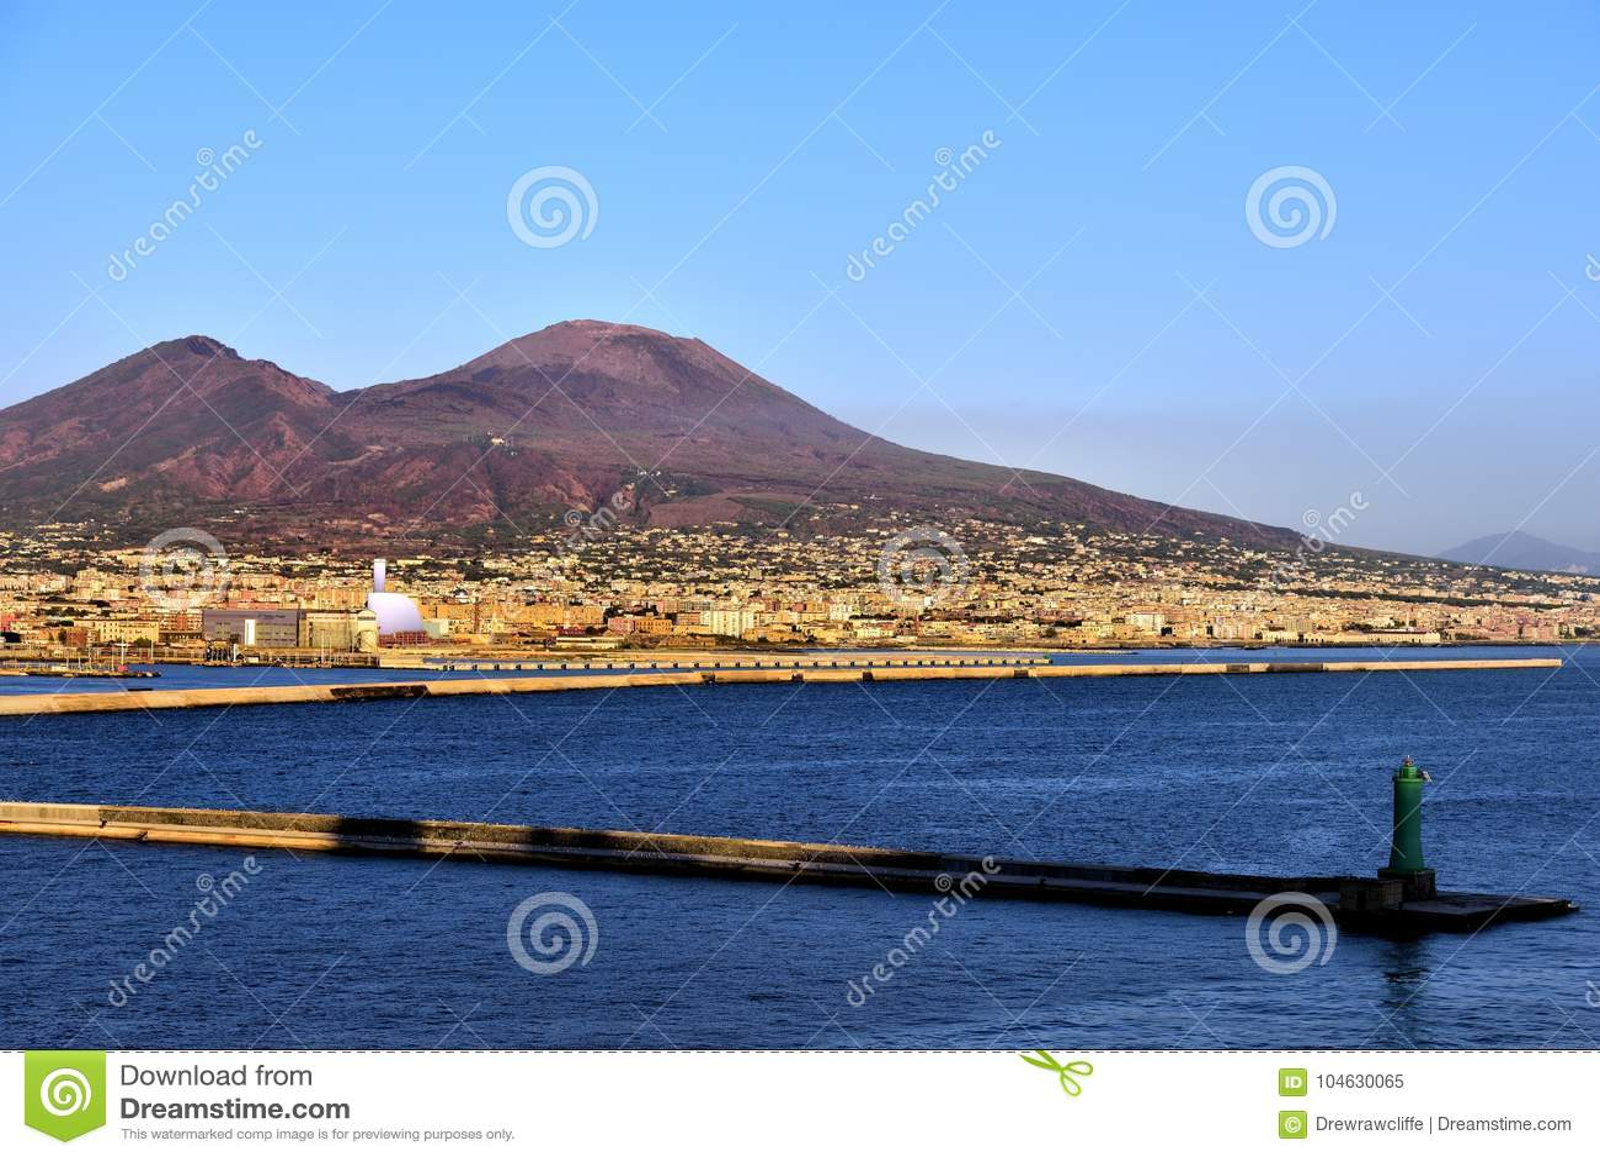 Download De Vesuvius en Napels stock afbeelding. Afbeelding bestaande uit zonsondergang - 104630065